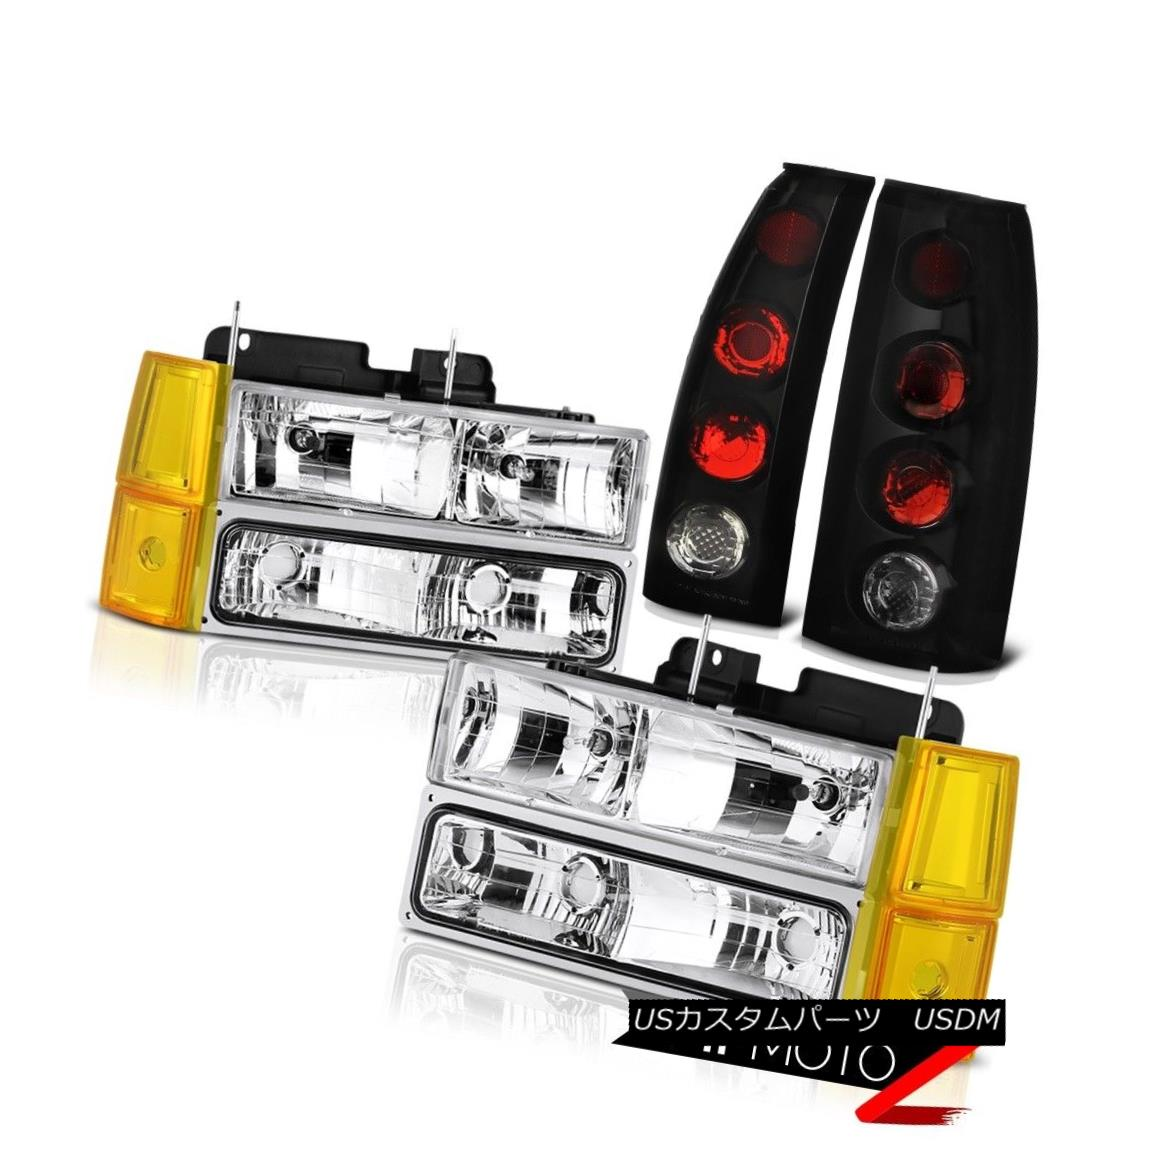 テールライト 1994-1998 GMC C3500 Euro Clear Headlamps Bumper Smoke Tinted Tail Lights Euro 1994-1998 GMC C3500ユーロクリアヘッドランプバンパースモークテールテールライトユーロ